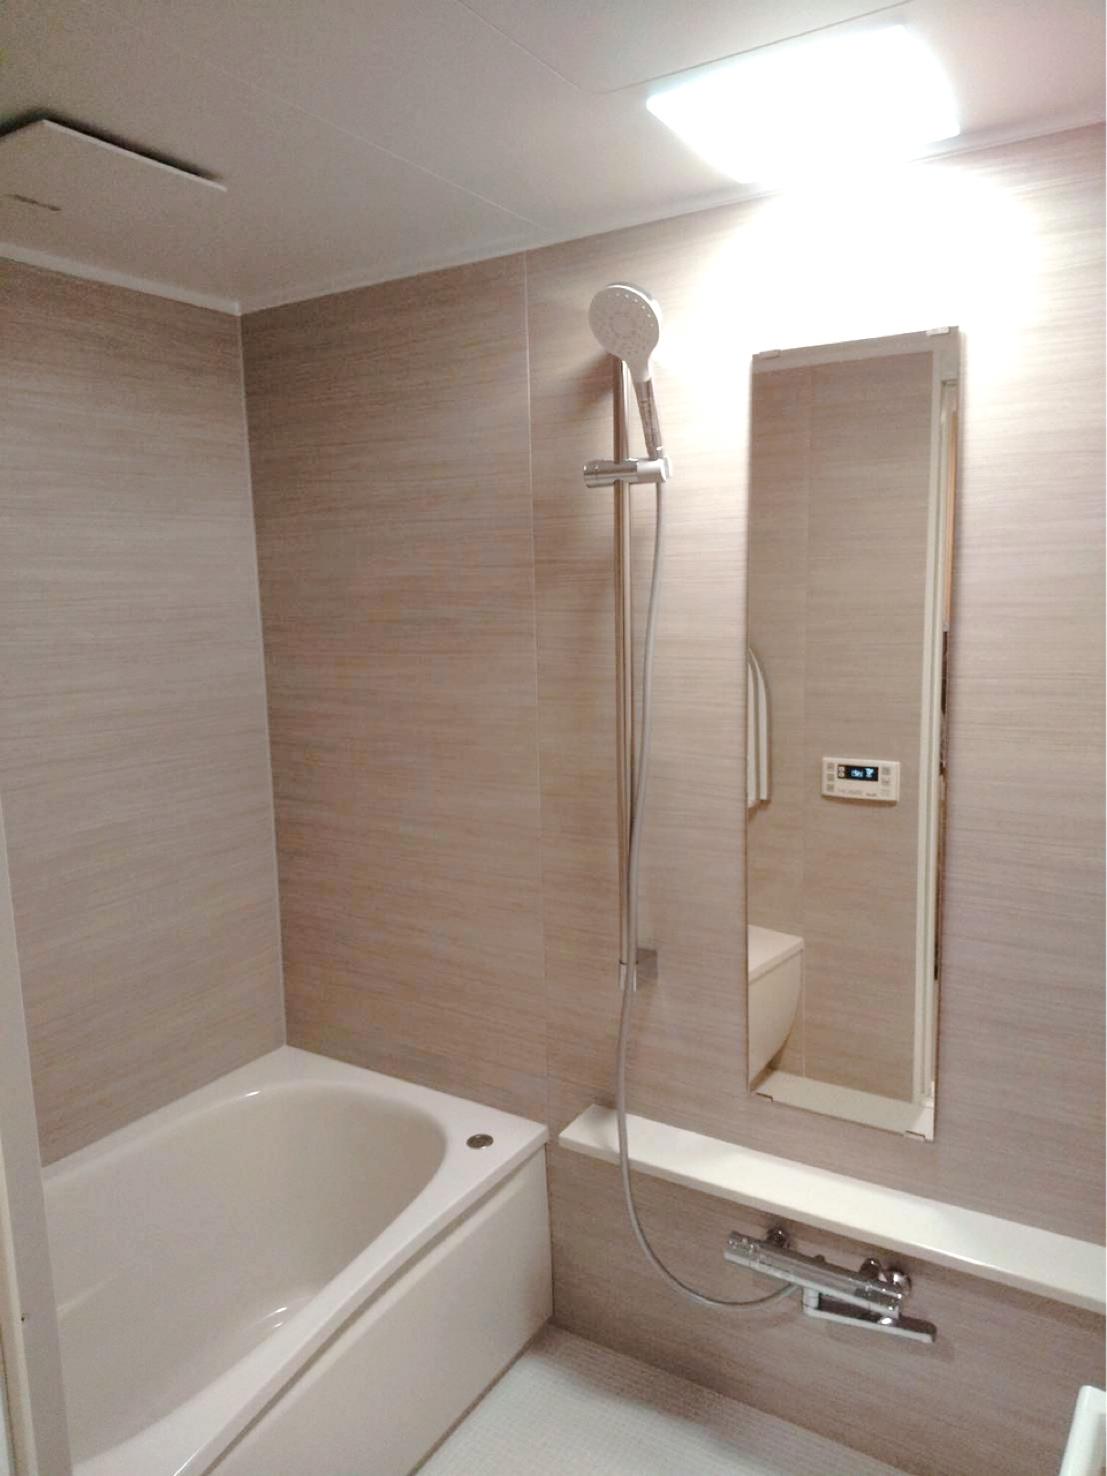 お風呂 TOTO WY リラックス リフォーム バスルームの画像